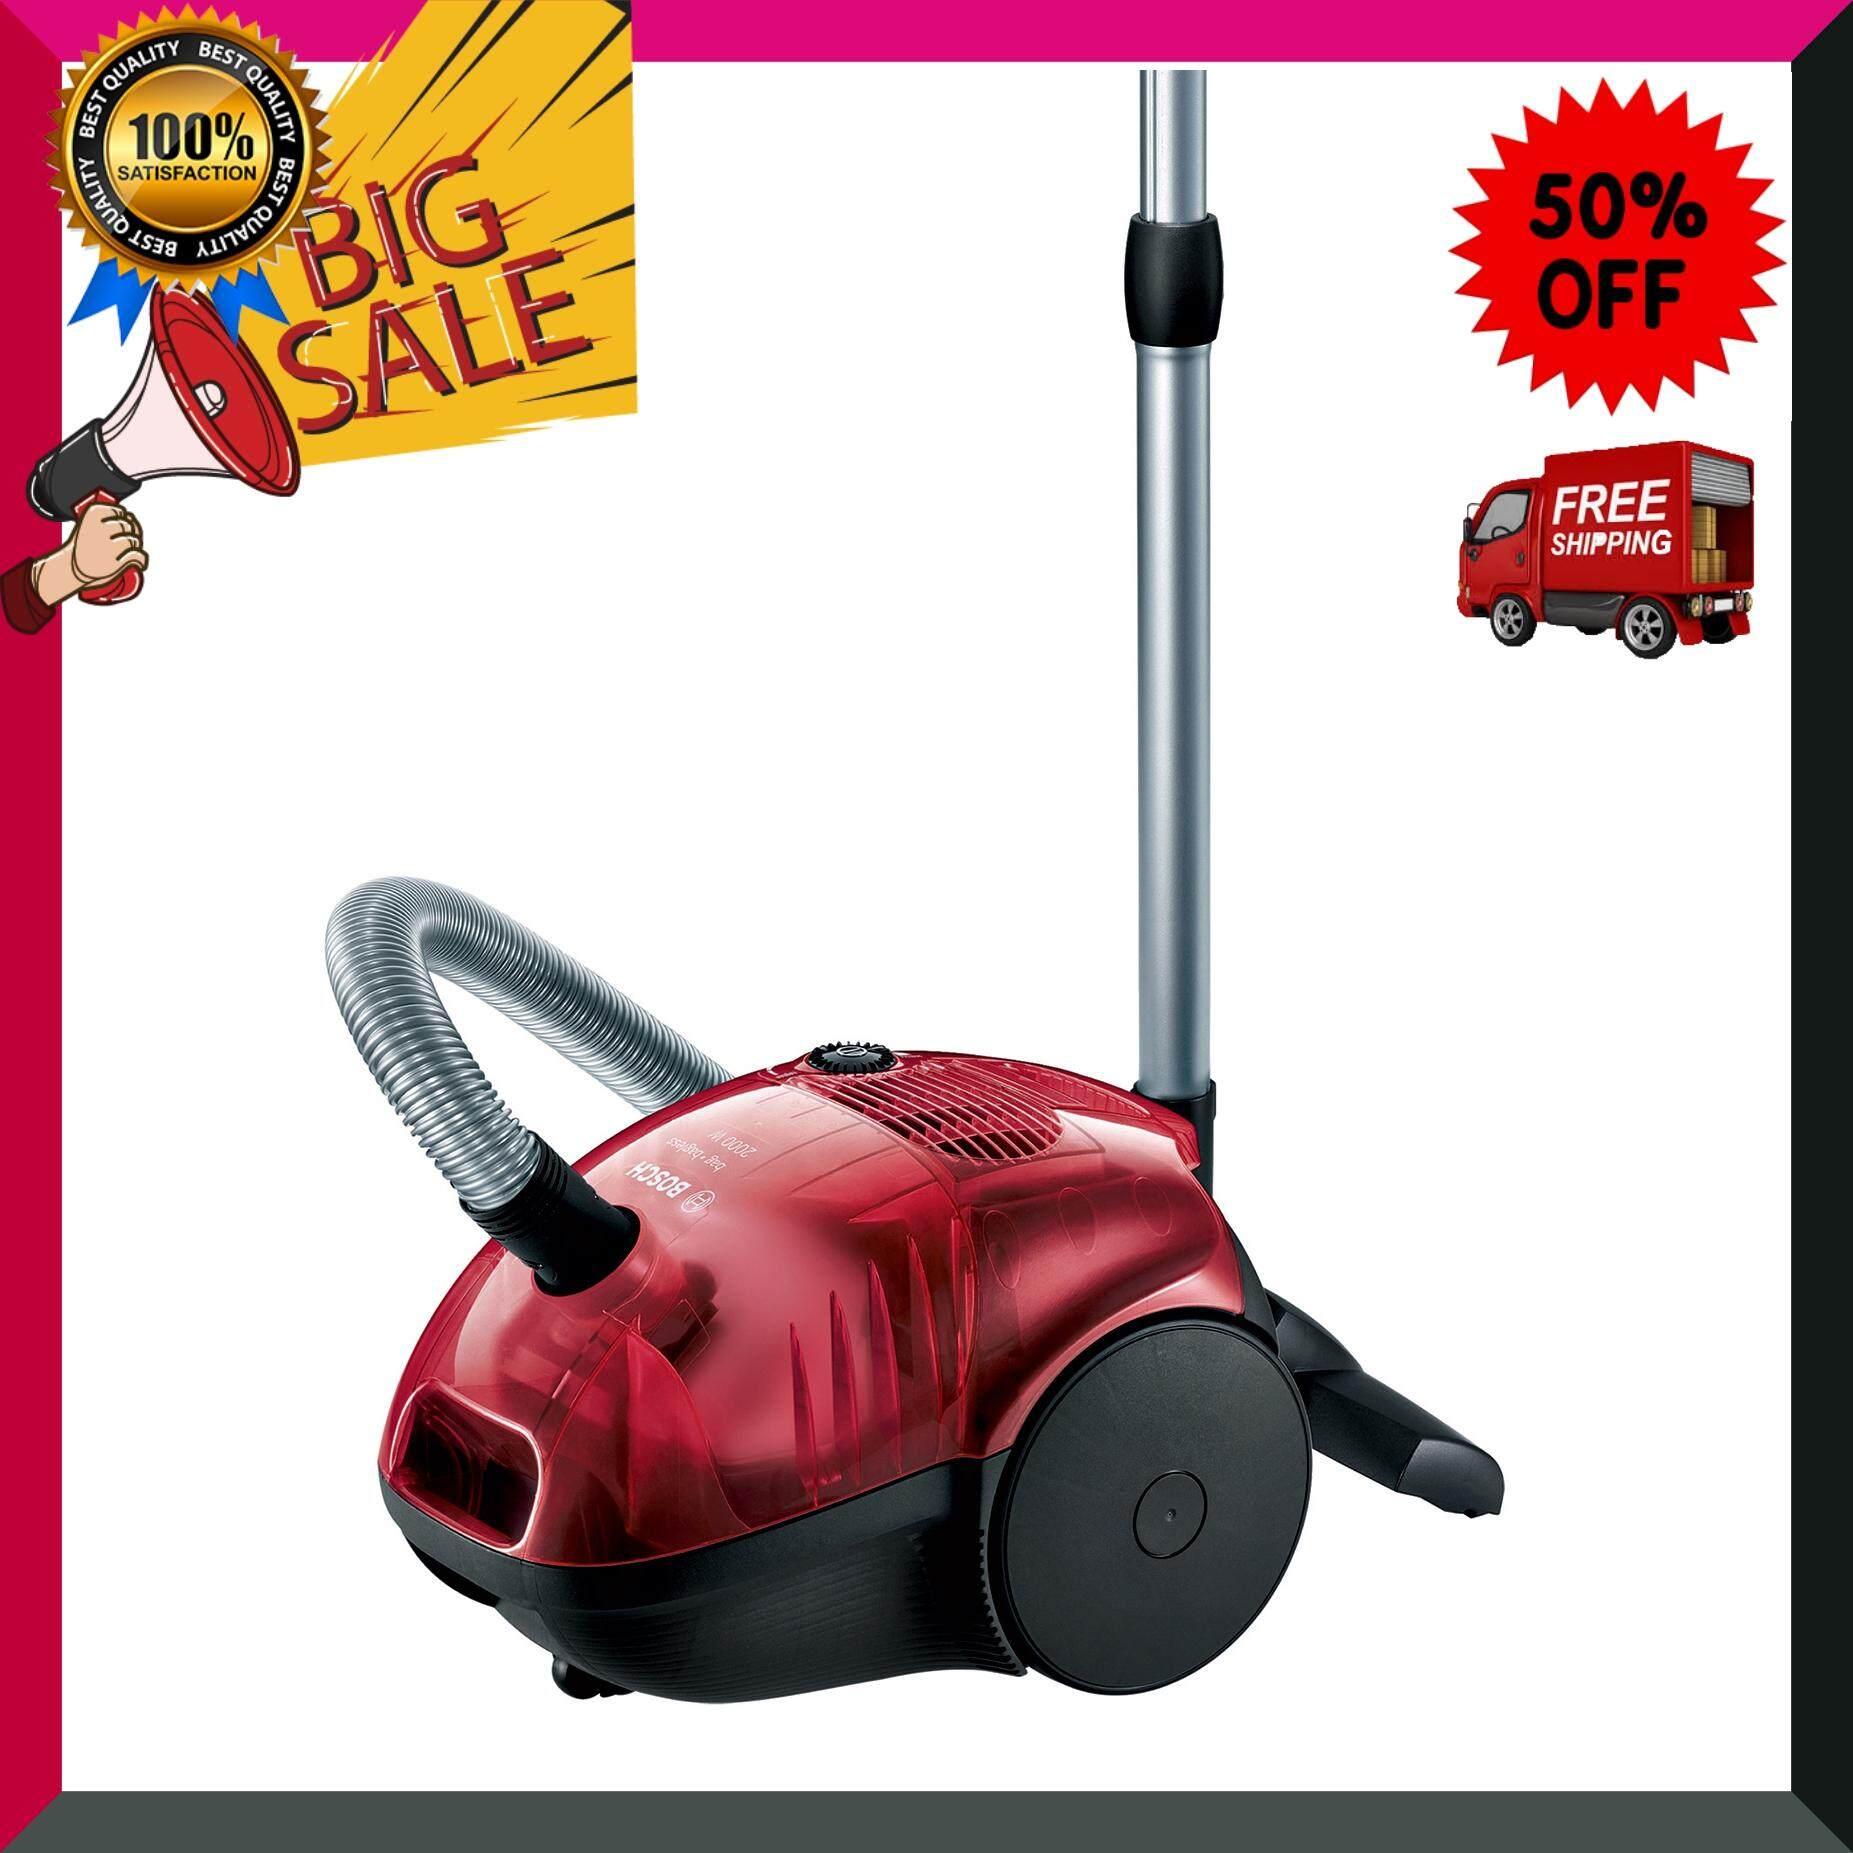 เครื่องดูดฝุ่น BOSCH รุ่น BSD3081 สีแดงเชอร์รี่-ดำ เครื่องดูดฝุ่น เครื่องทำความสะอาด เครื่องดูดฝุ่นอัตโนมัติ หุ่นยนต์ดูดฝุ่น Vacuum Cleaner สินค้าคุณภาพ Premium ***จัดส่งฟรี***